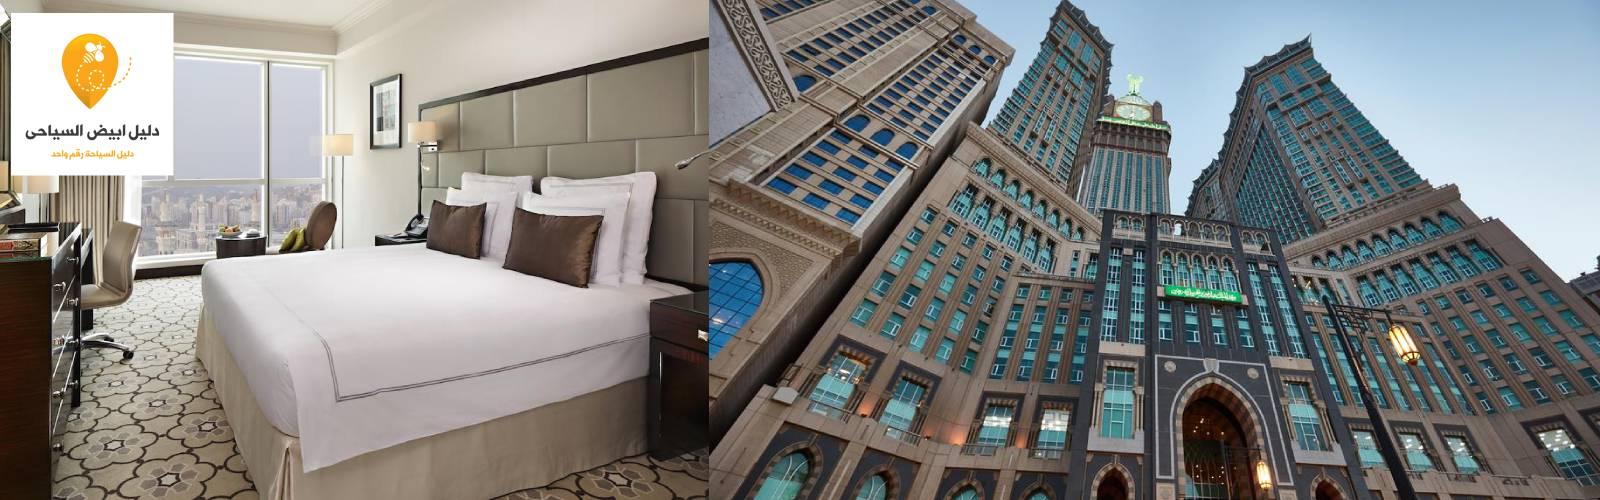 اسماء فنادق برج الساعه في مكة